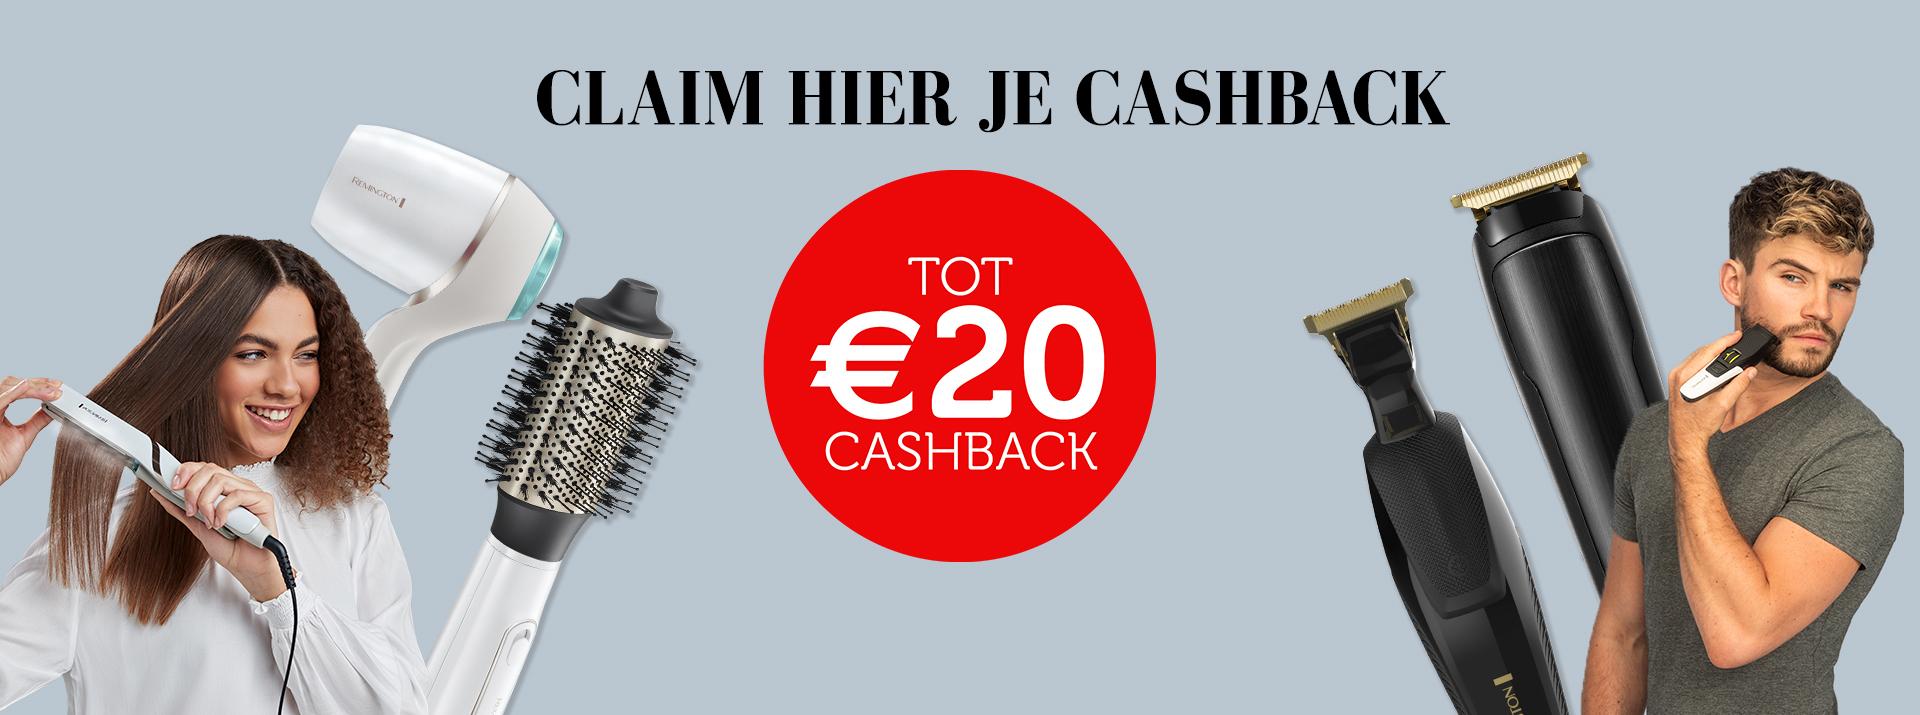 Tot €20 cashback op geselecteerde Remington producten